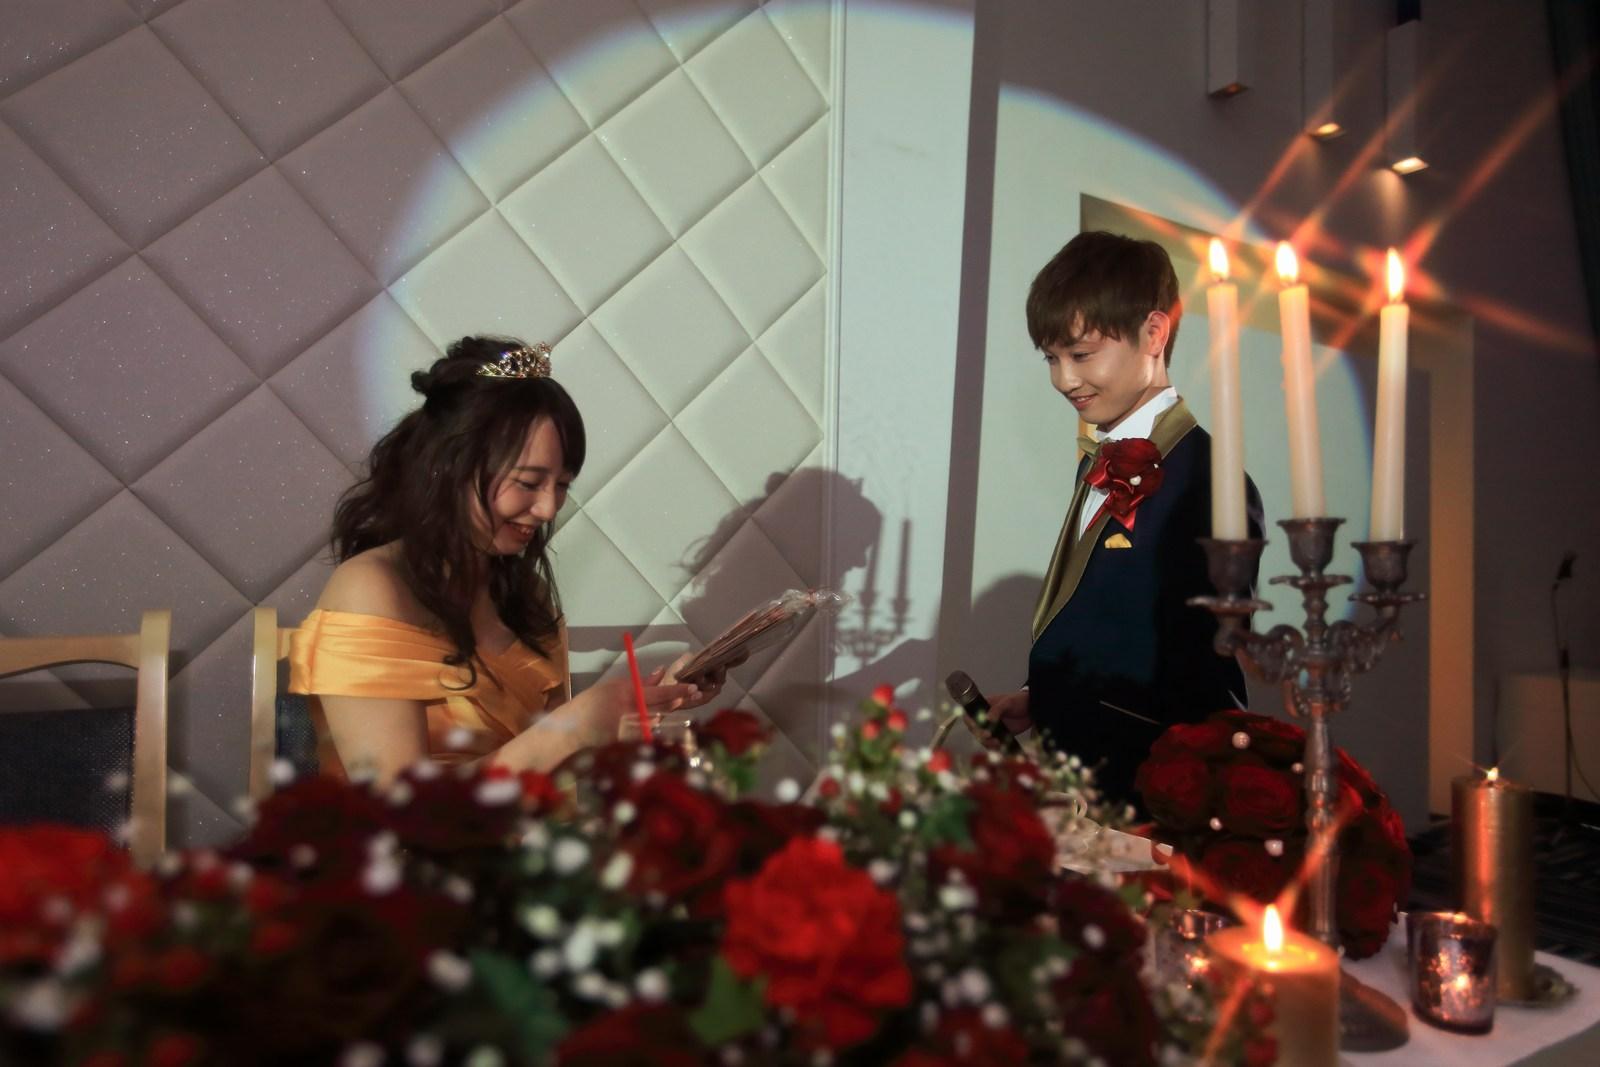 香川の結婚式場シェルエメール&アイスタイル 新郎サプライズ